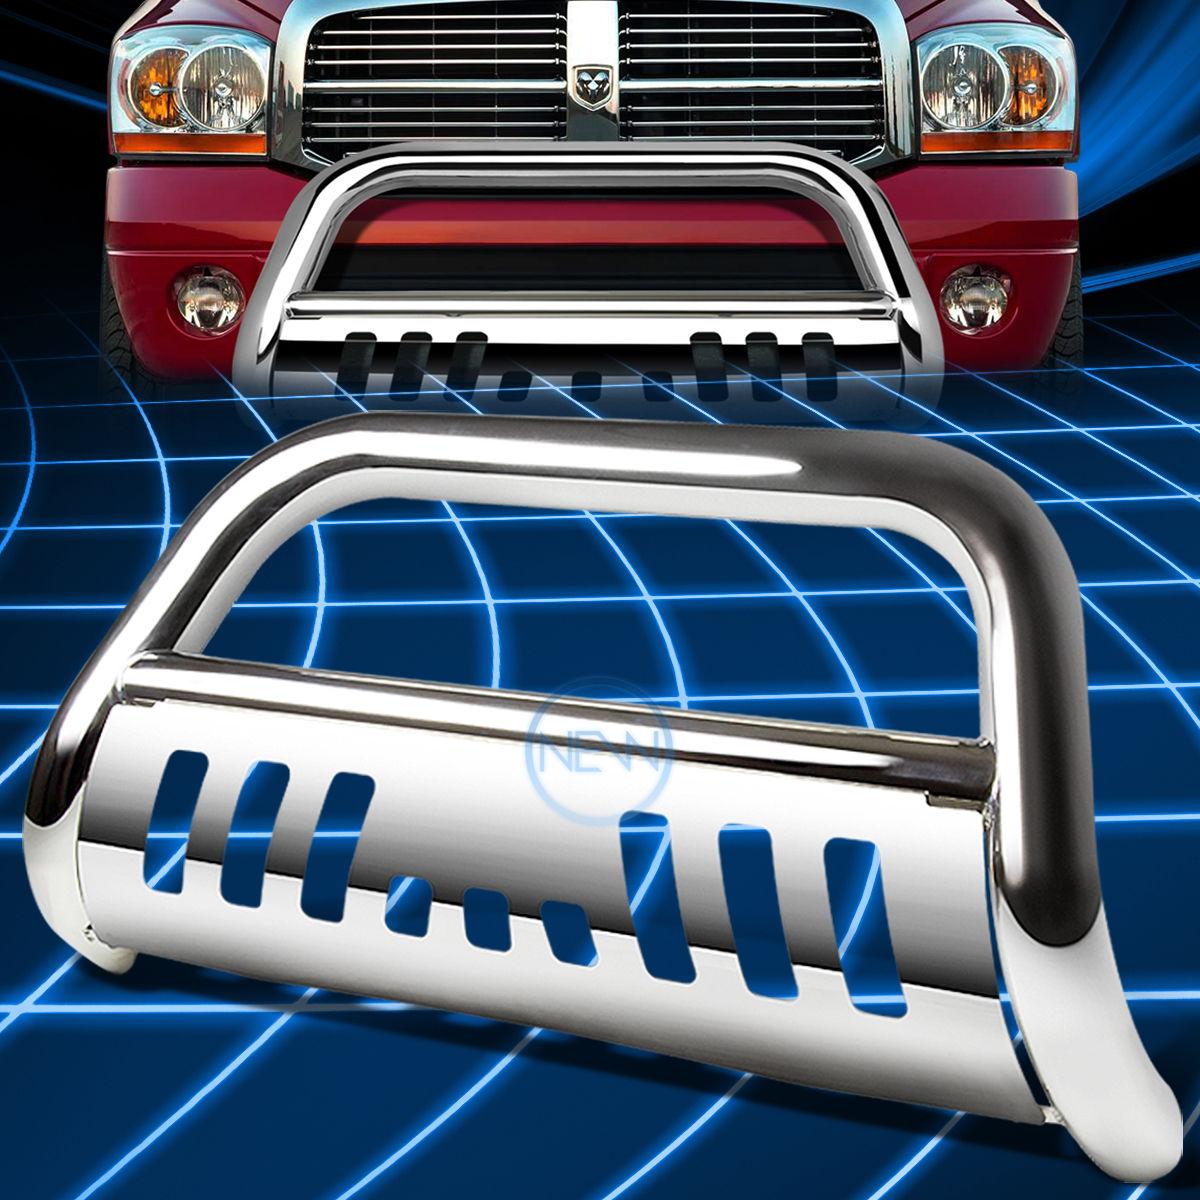 グリル クロムSSフロントバンパーブルバーグリルガード(1997?2004年)Dodge Dakota / Durango Chrome SS Front Bumper Bull Bar Grille Guard for 1997-2004 Dodge Dakota/Durango